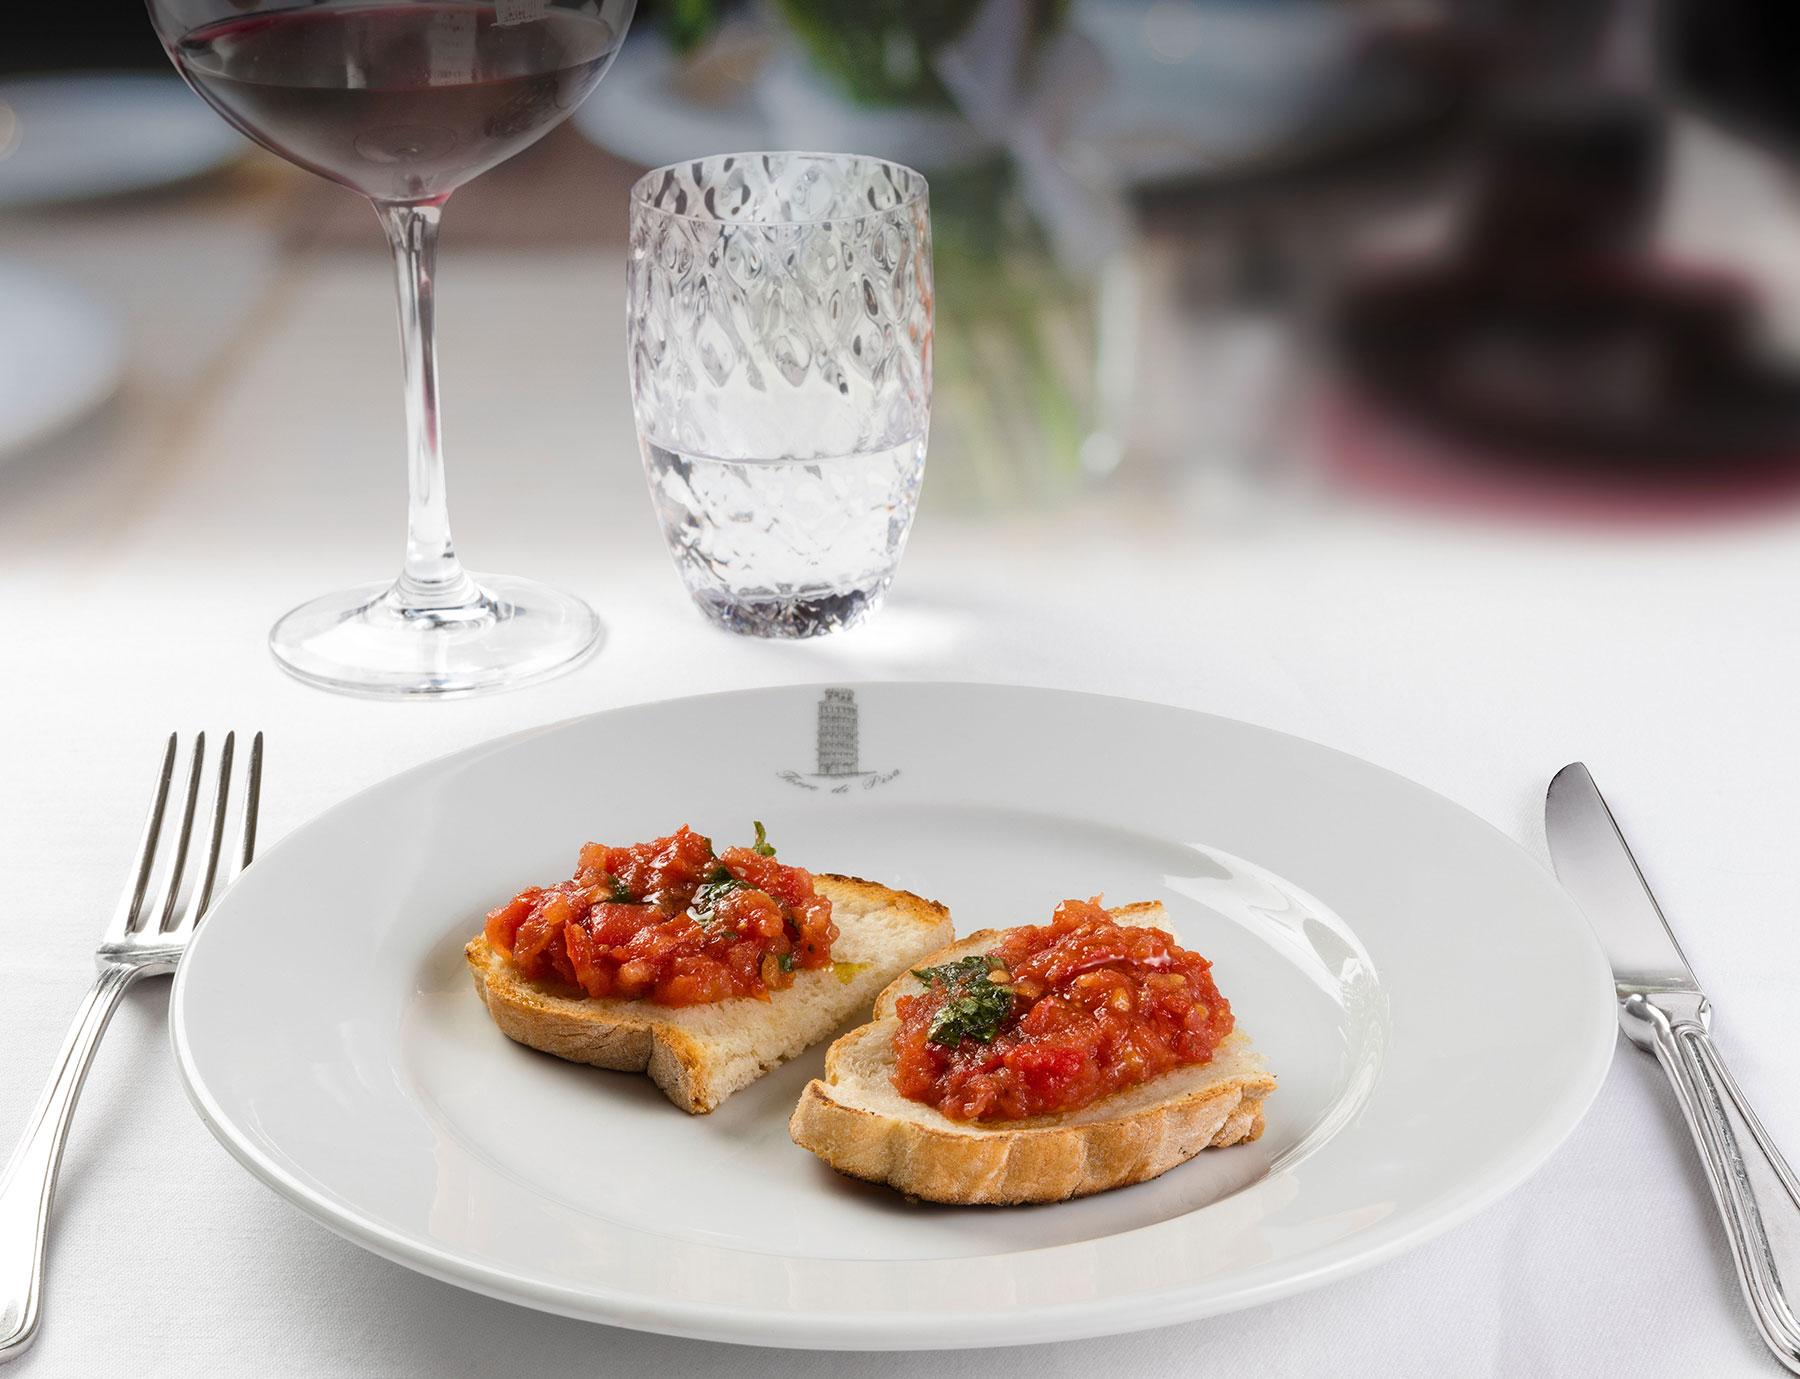 Bruschetta al pomodoro fresco e basilico